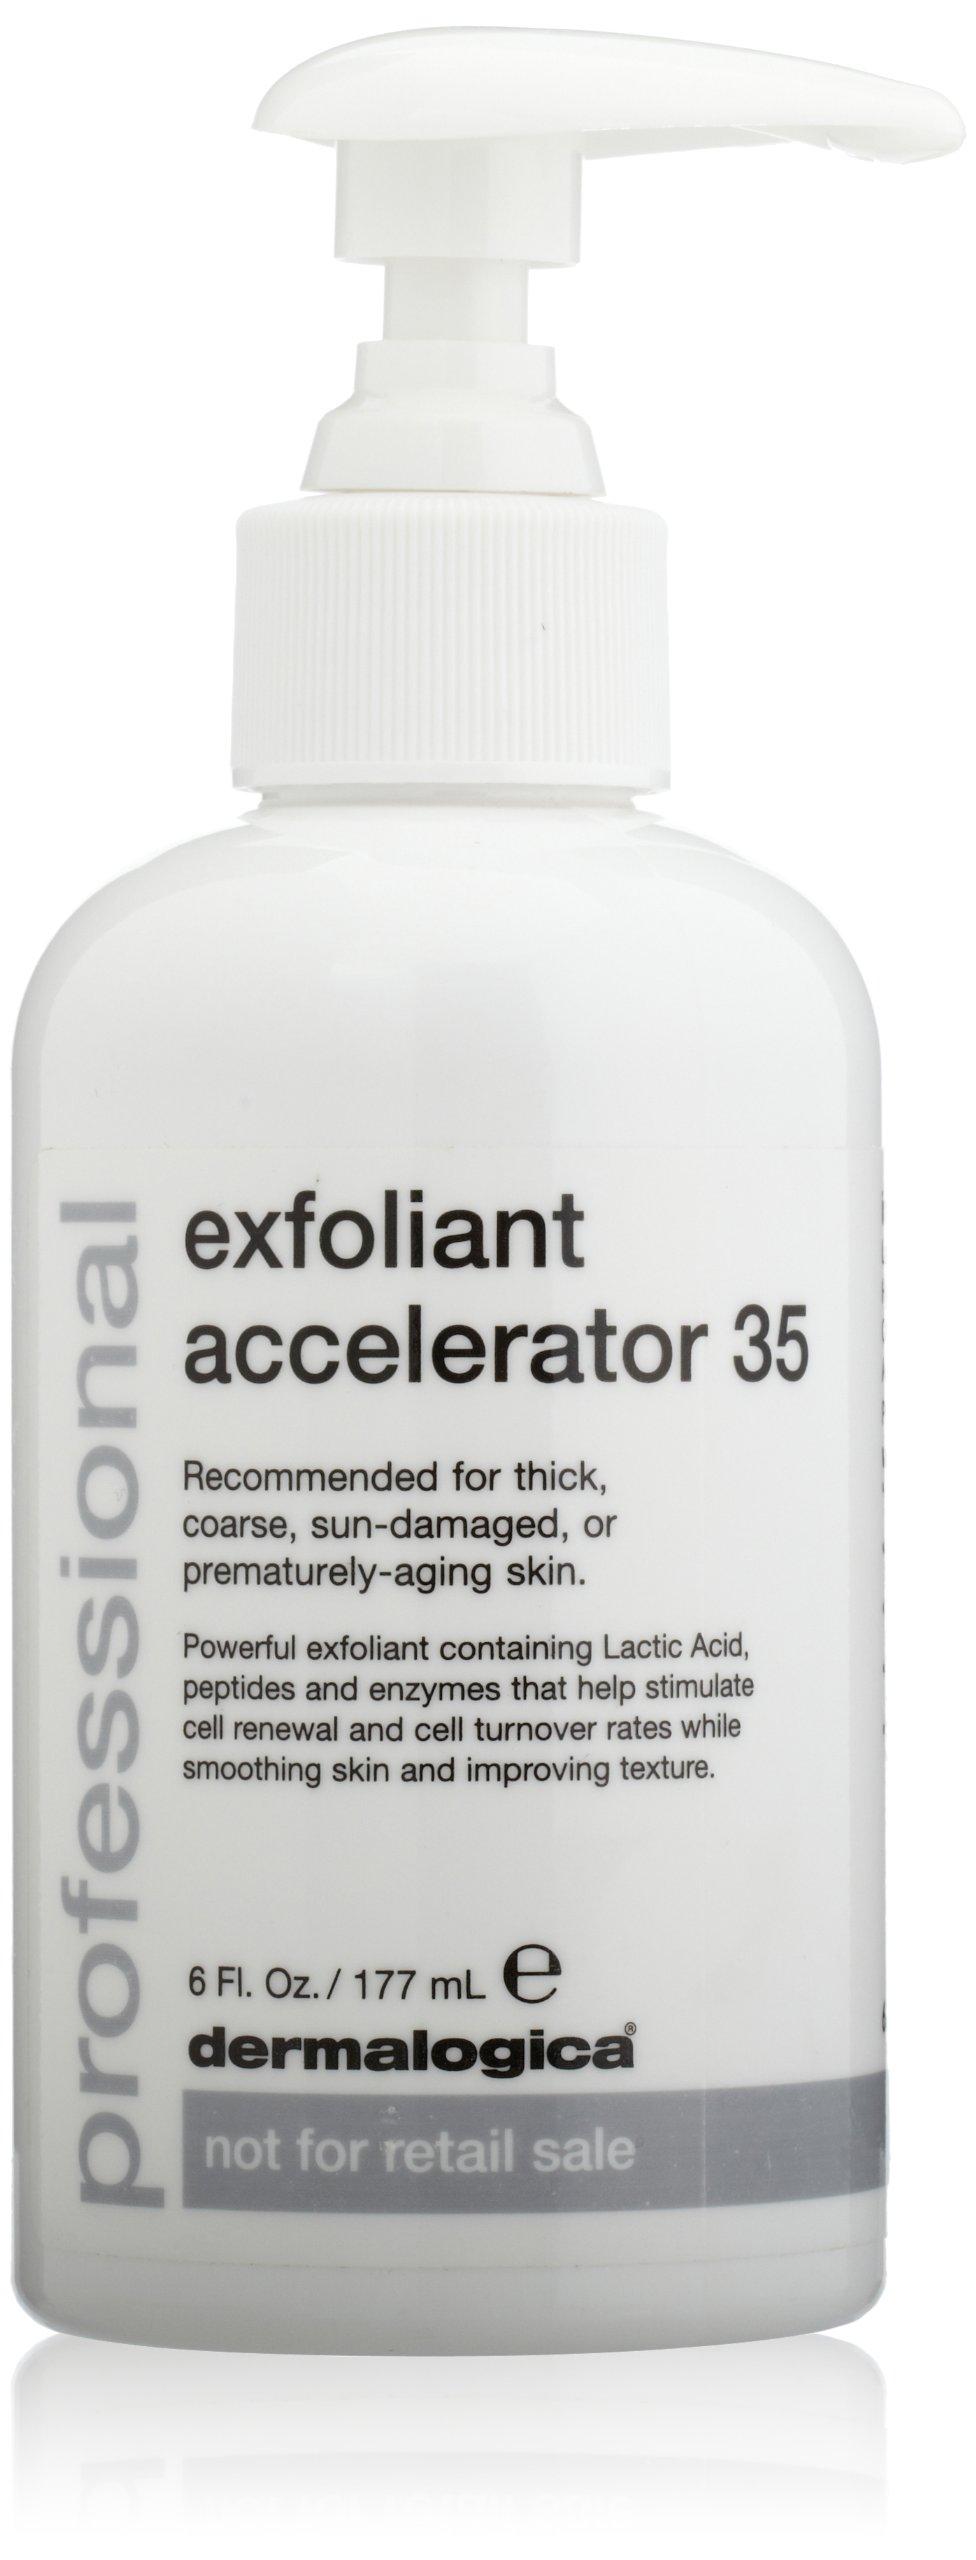 Dermalogica Exfoliant Accelerator, 6 Fluid Ounce